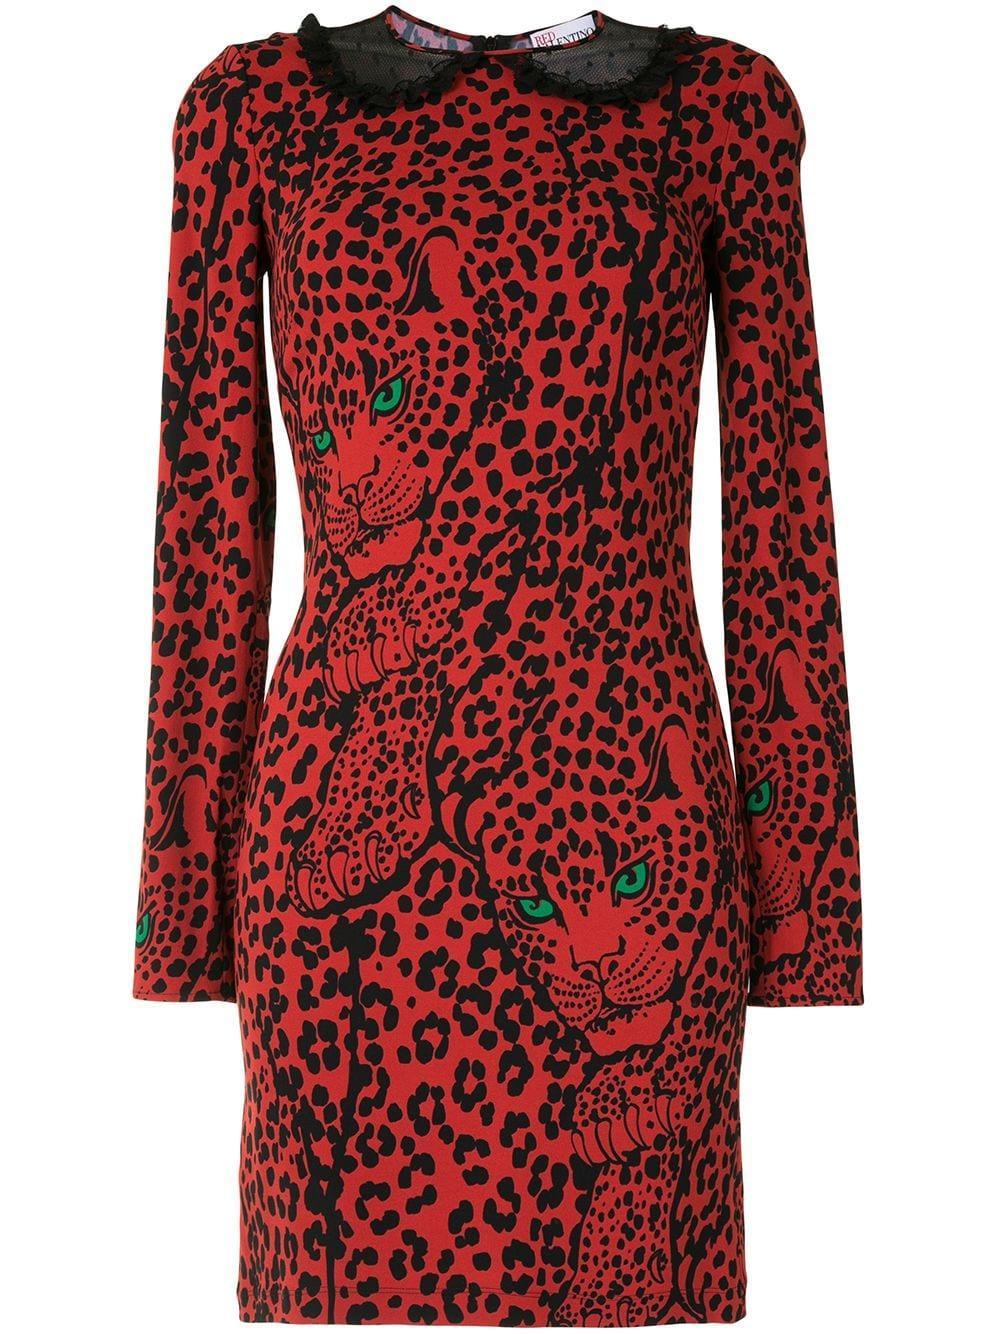 L/S Leopard Mini Dress W/Collar Item # UR3VAR1557C